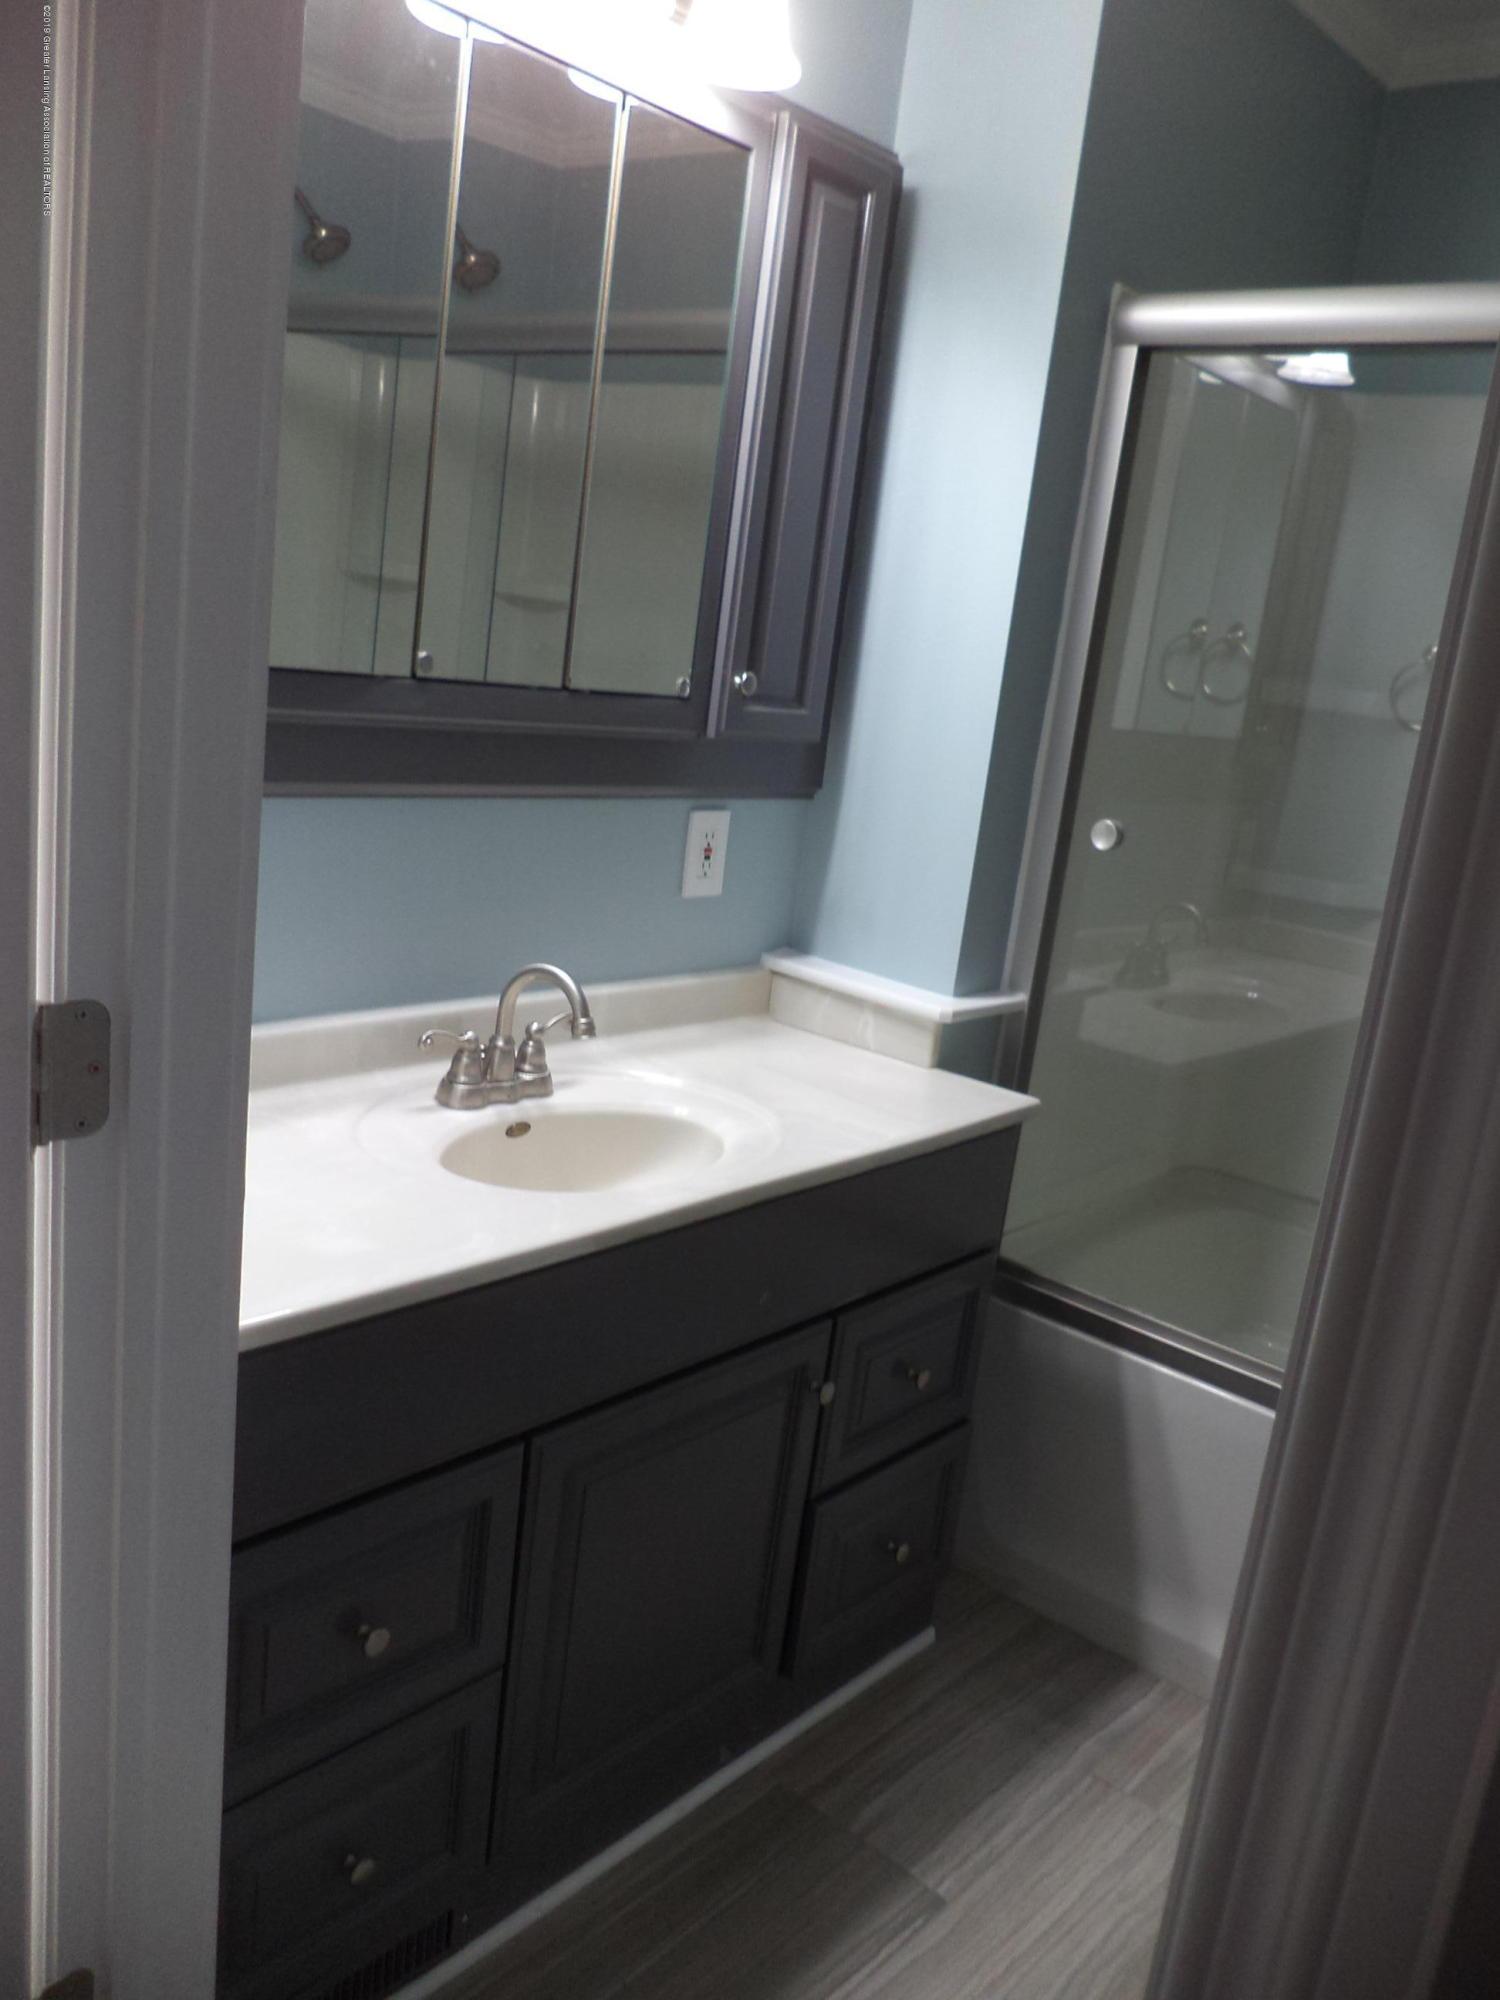 3200 S Dewitt Rd - Main full bath - 12